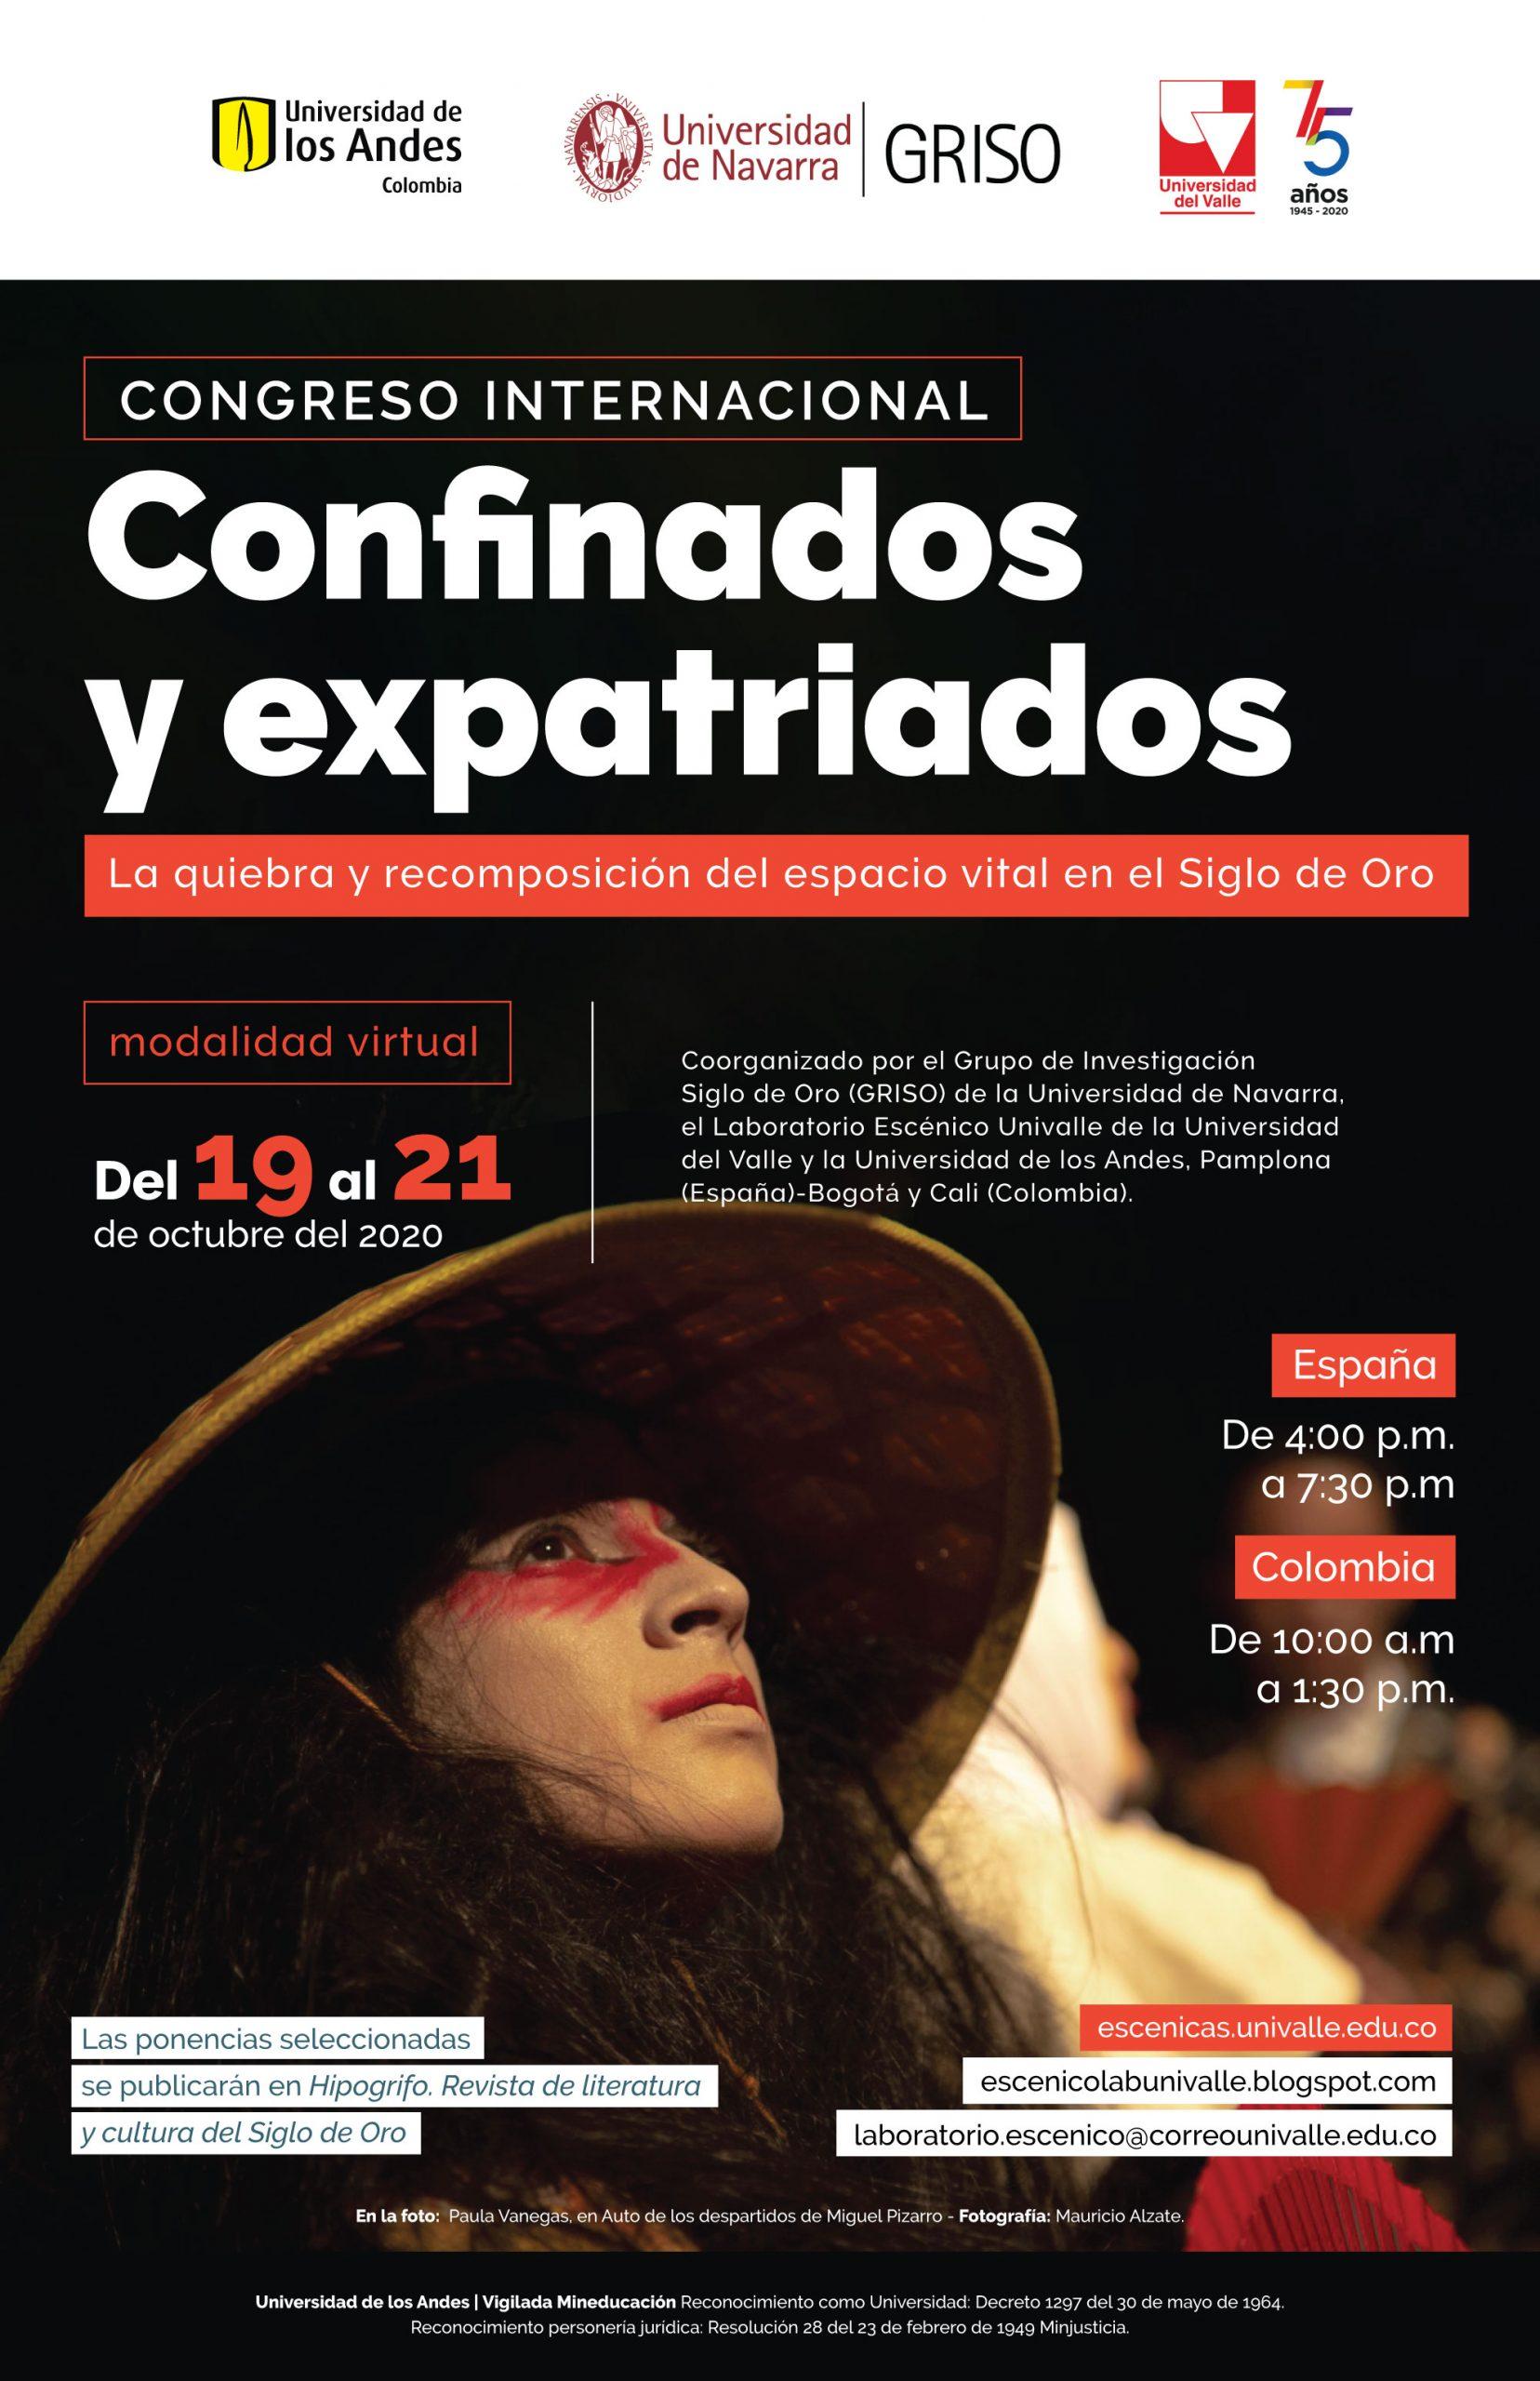 Congreso internacional: Confinados y expatriados